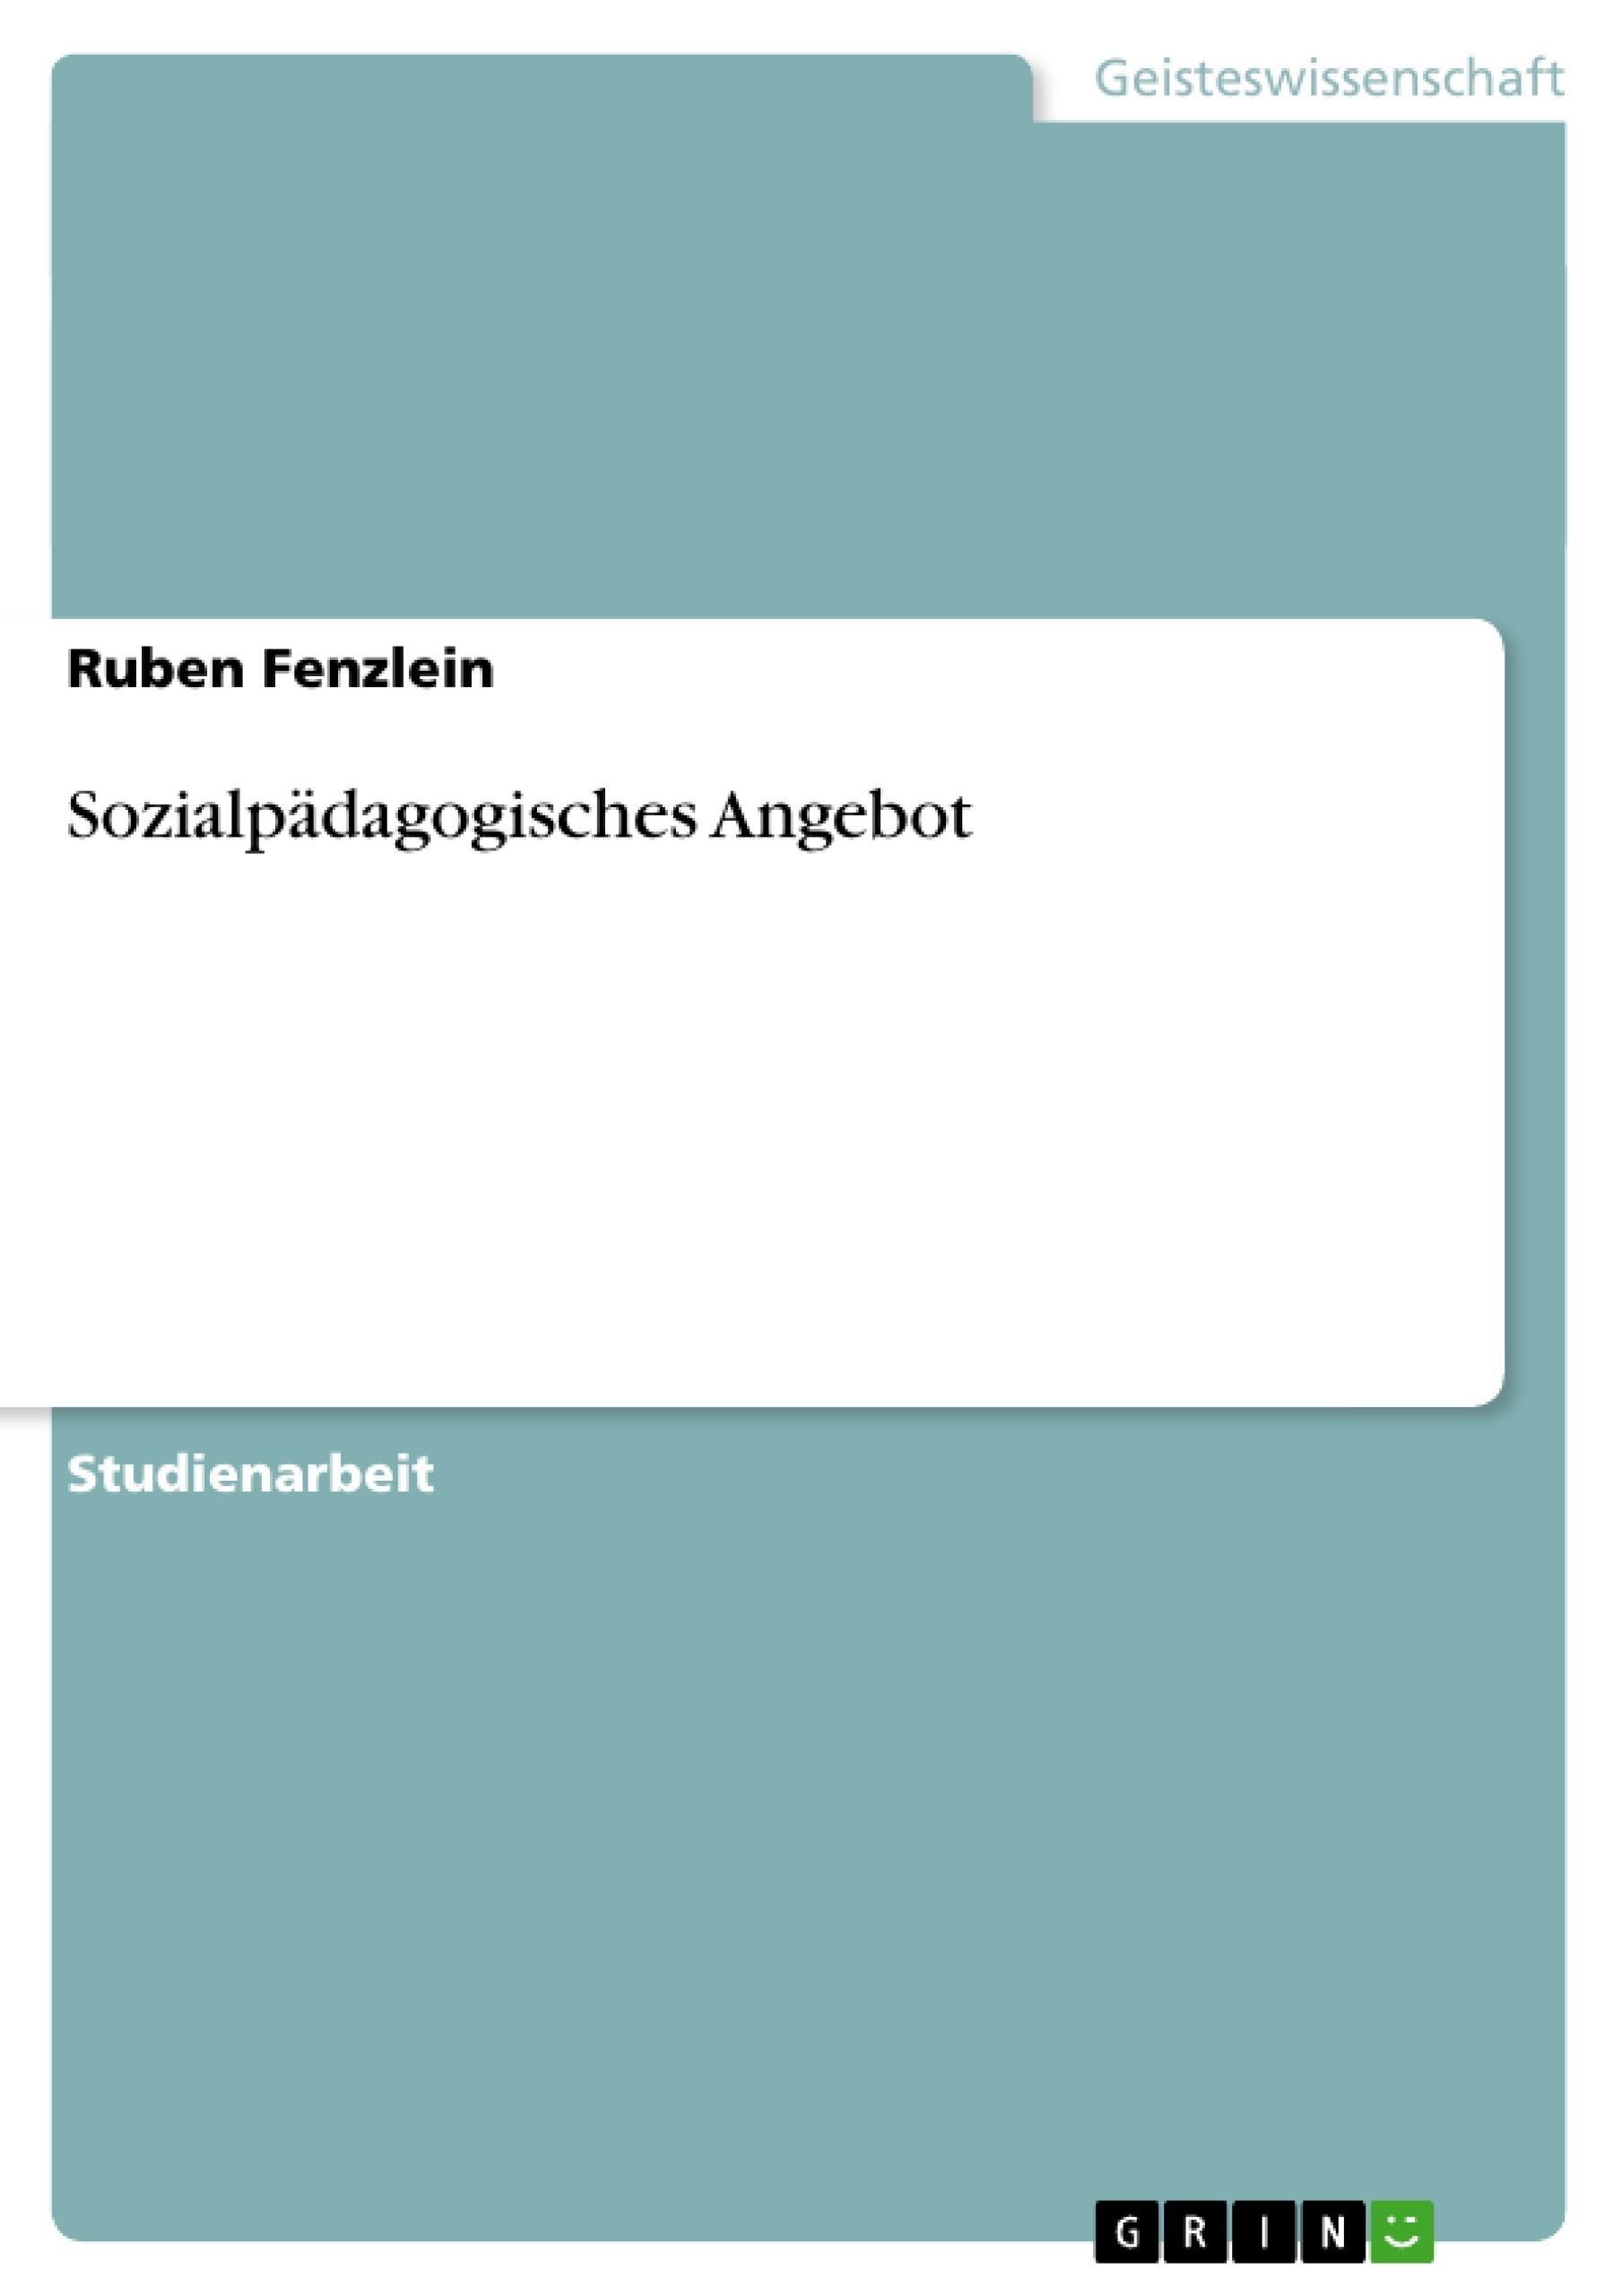 Titel: Sozialpädagogisches Angebot